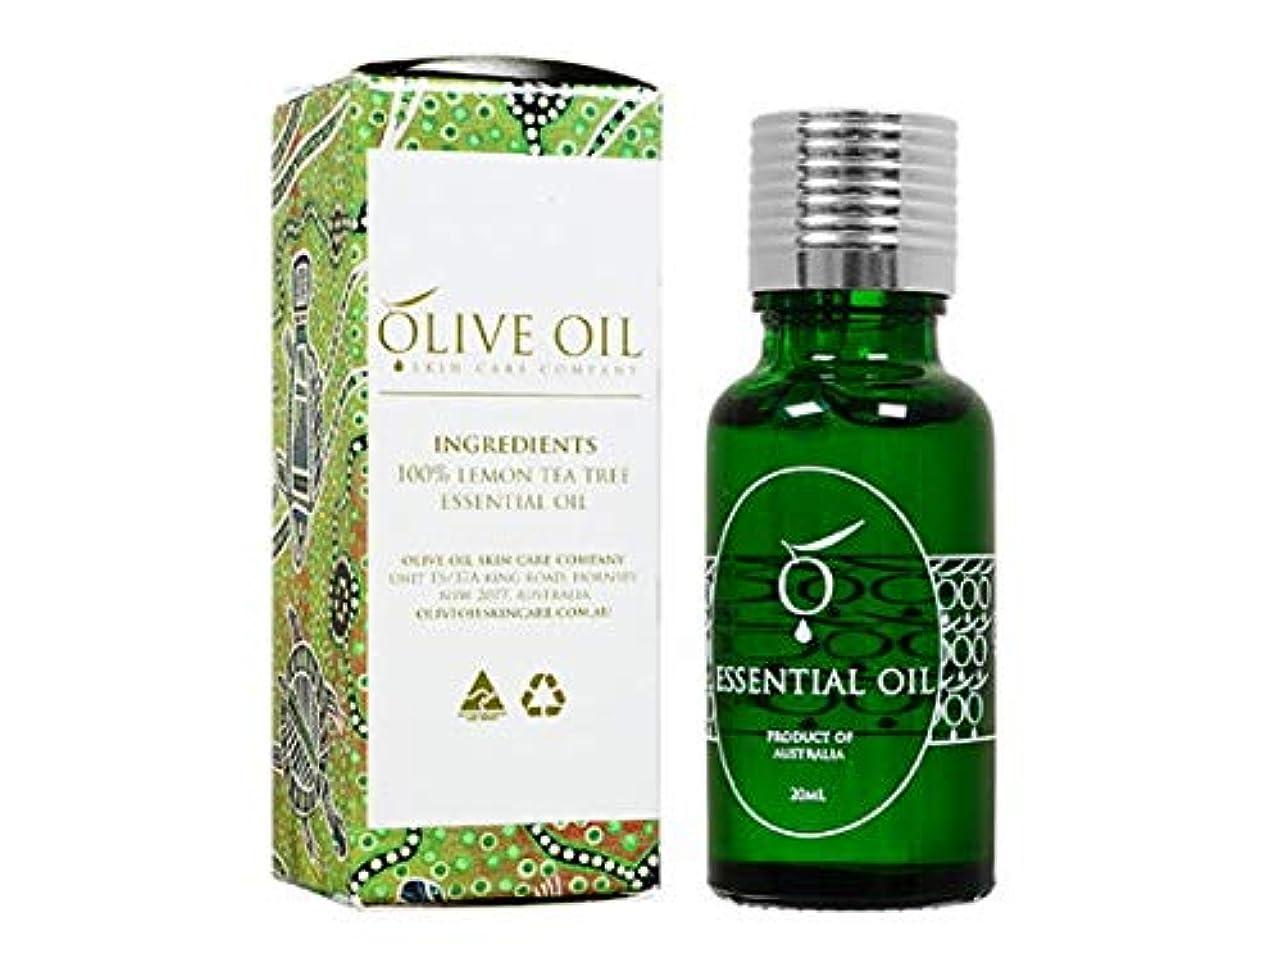 対称トライアスリート耐えられないOliveOil エッセンシャルオイル?レモンティーツリー 20ml (OliveOil) Essential Oil (Lemon Tea Tree) Made in Australia